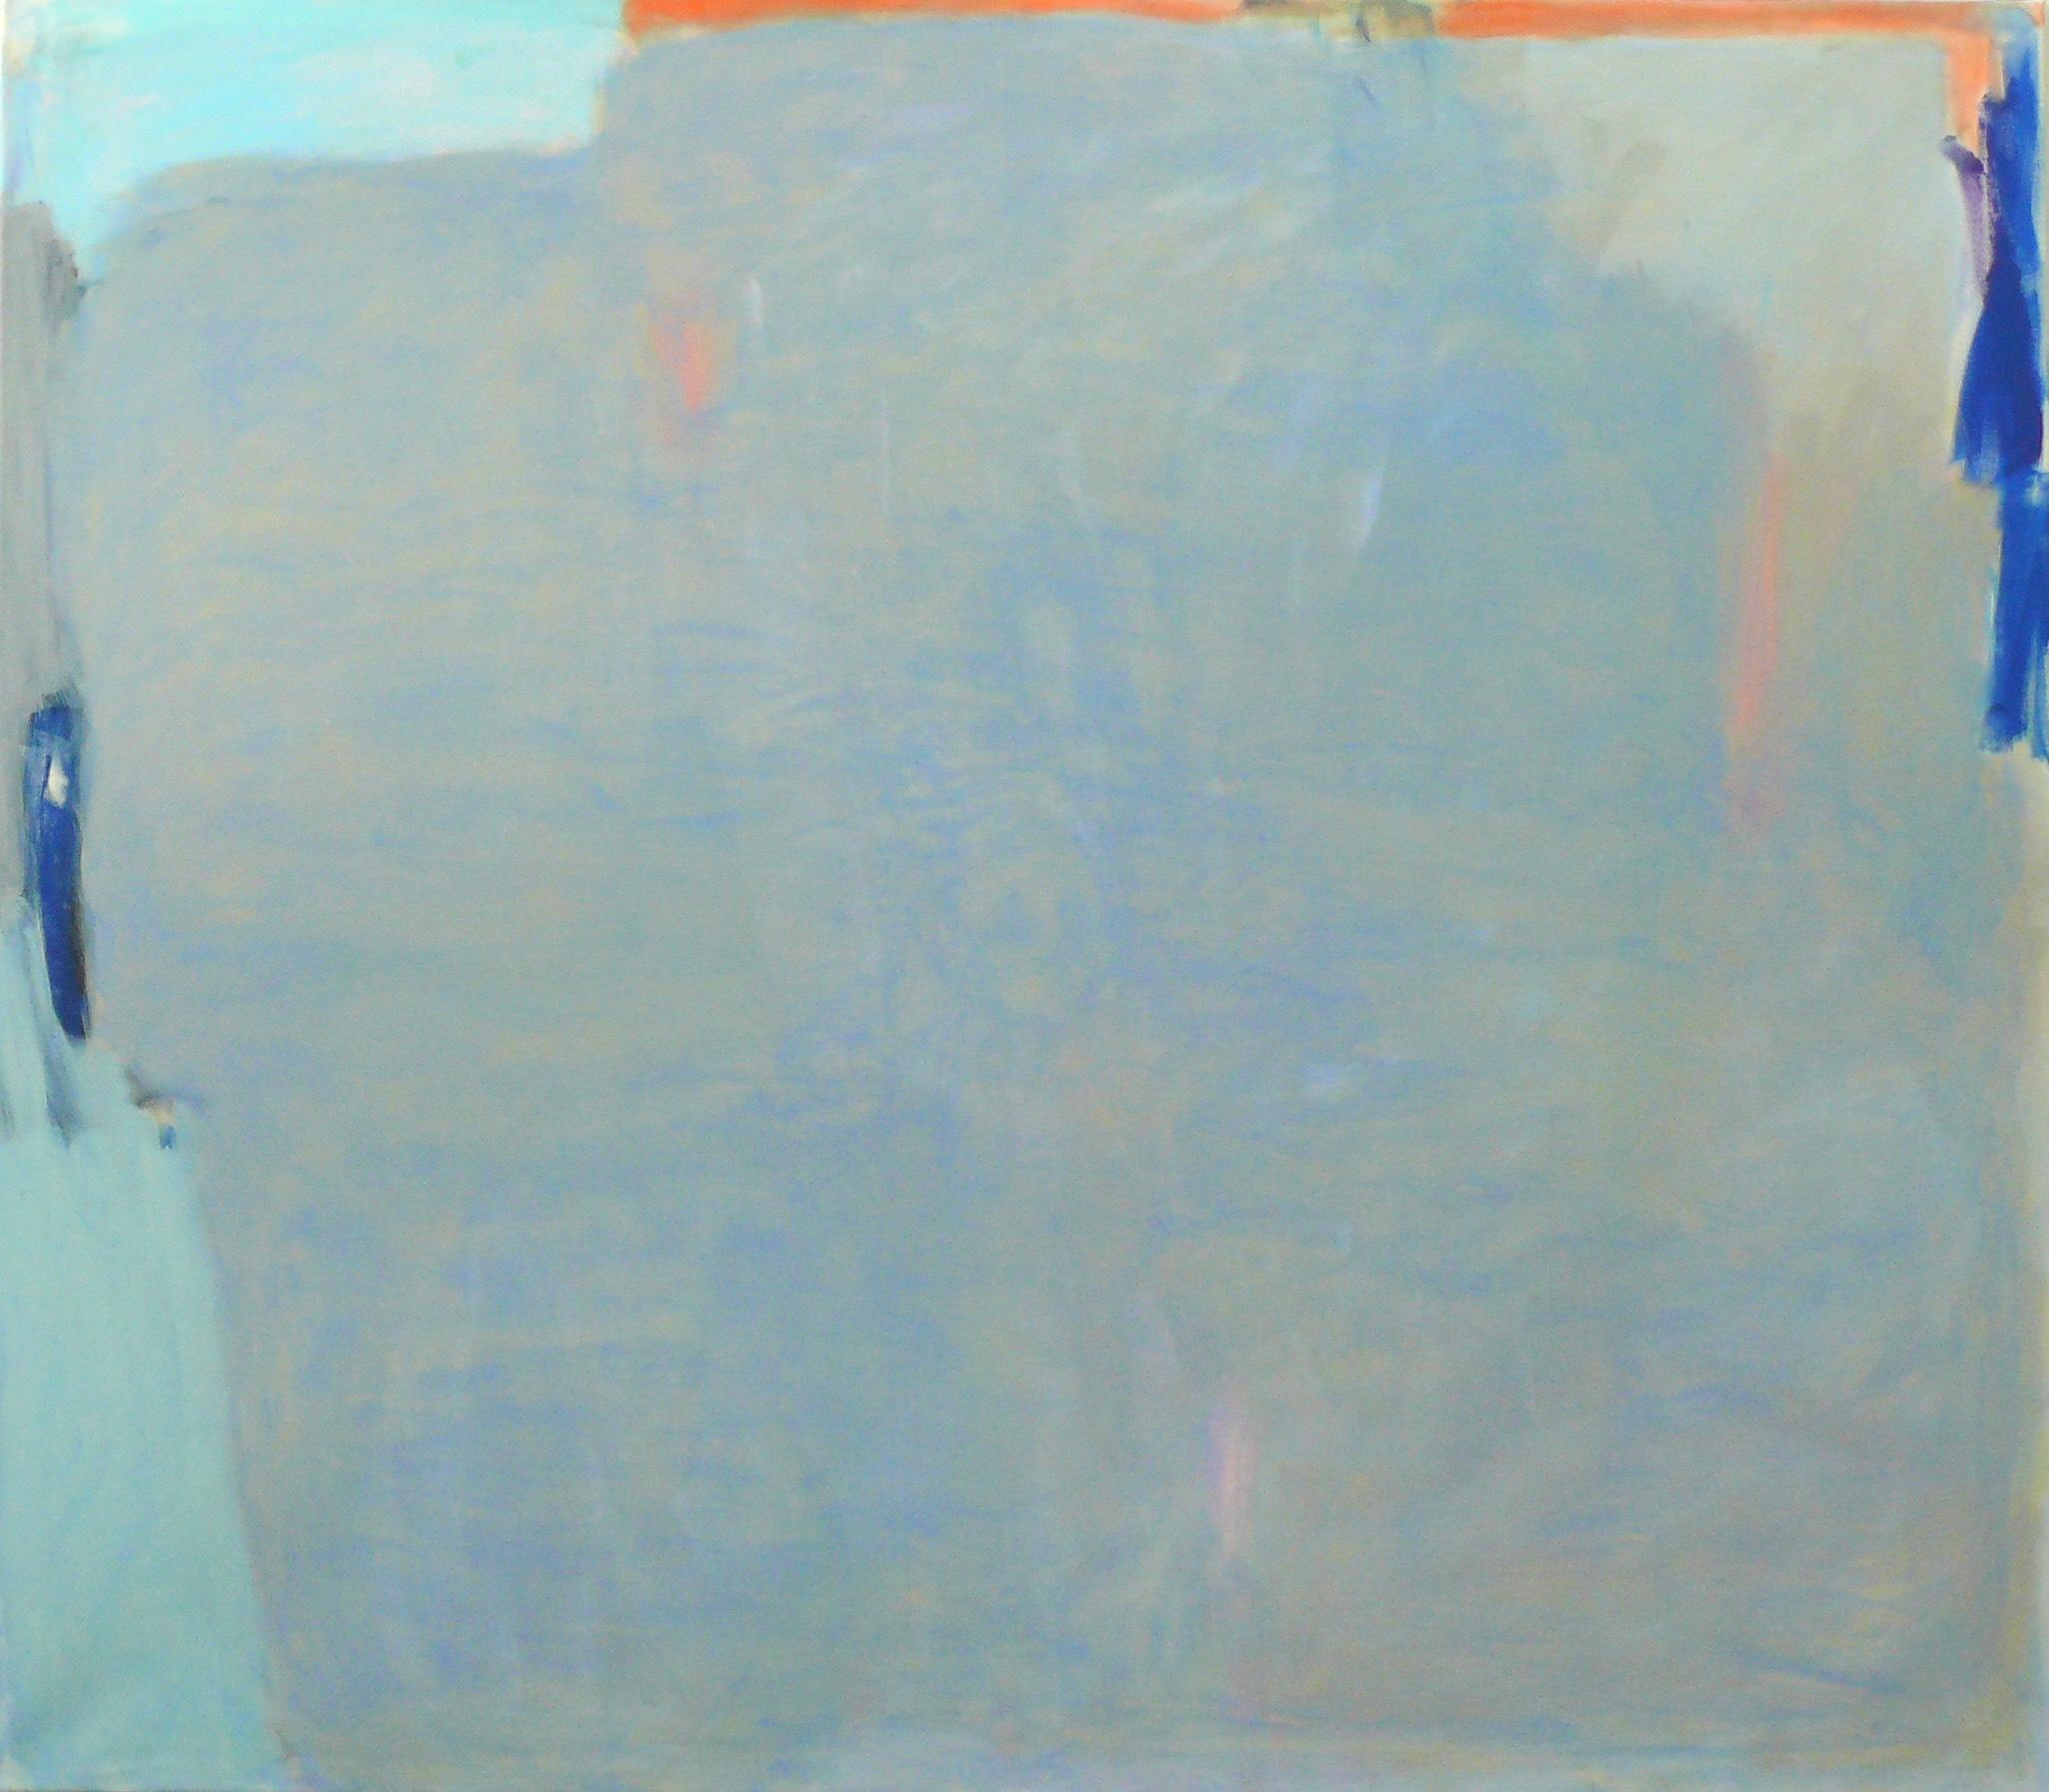 Horizont, 2017 Acryl auf Leinwand, 140x160 cm